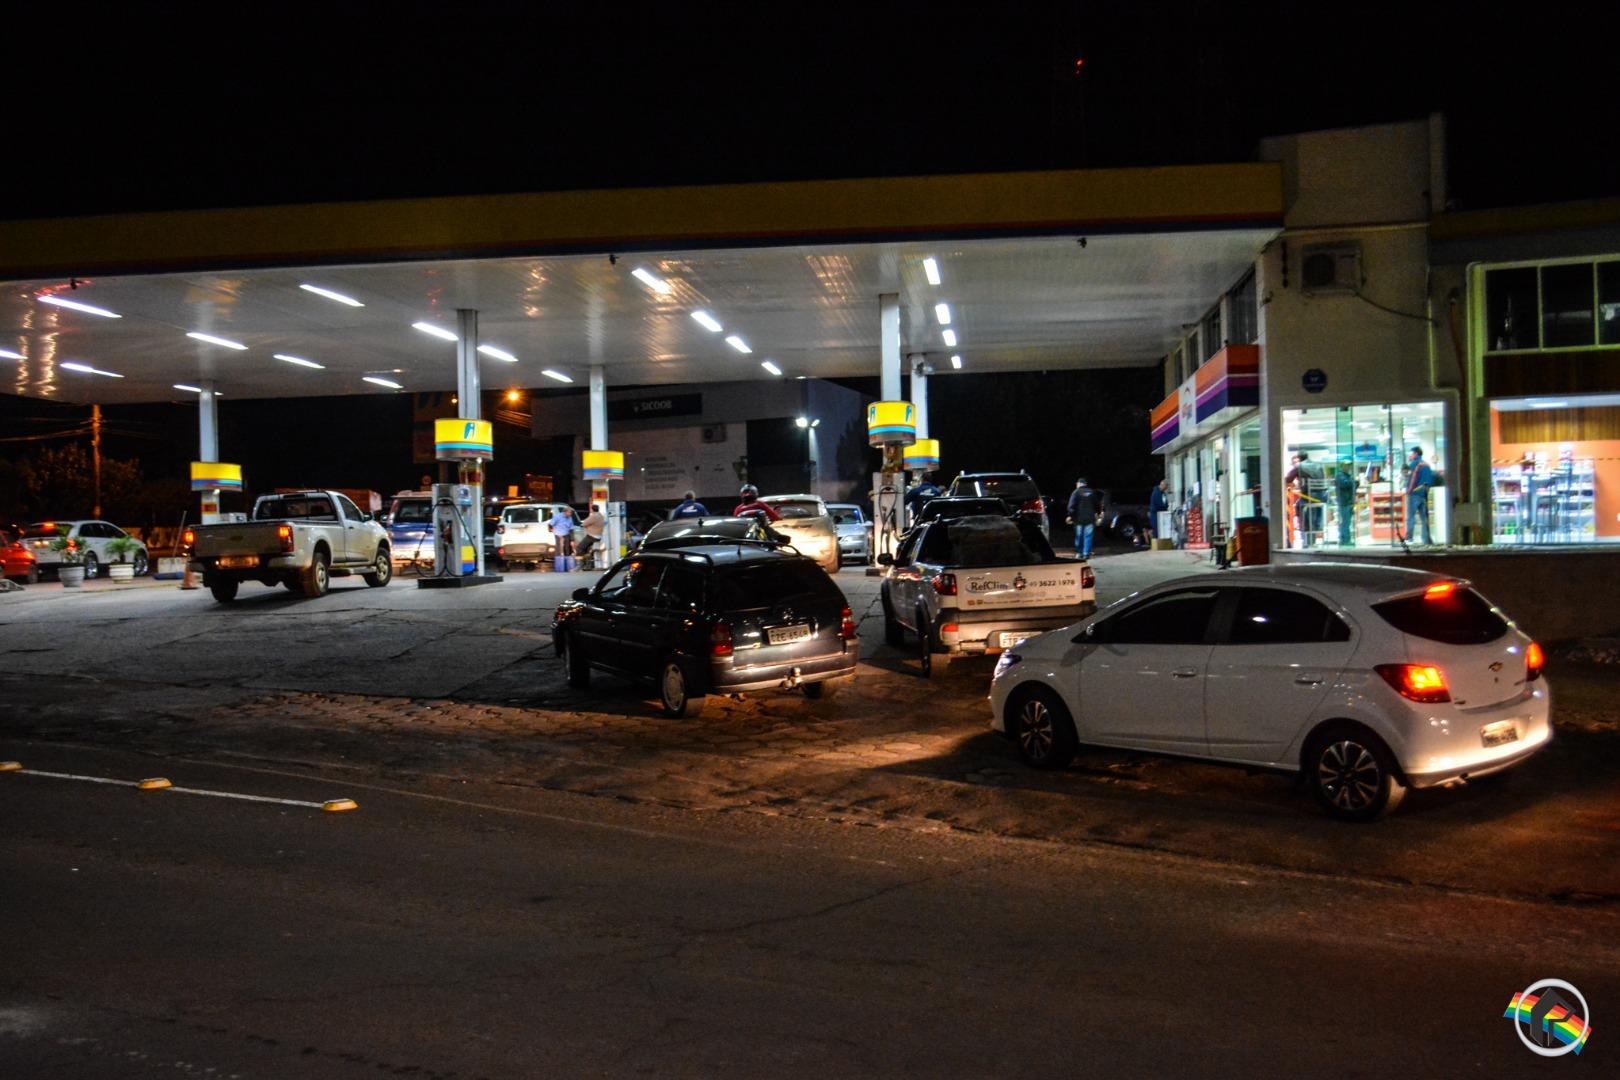 Aumenta o número de postos sem gasolina no município